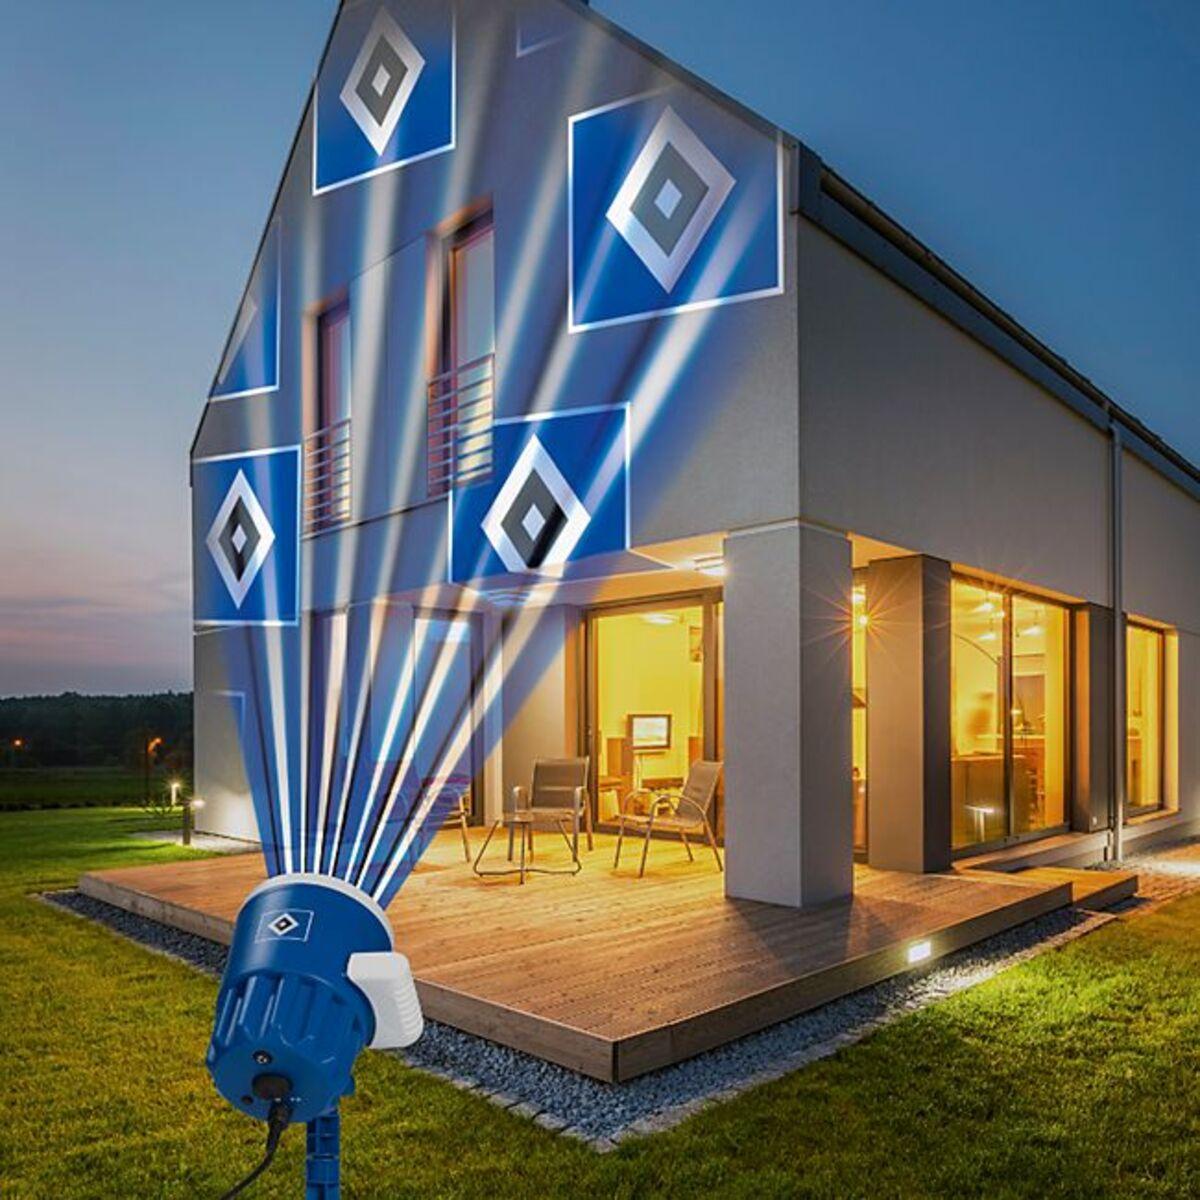 Bild 1 von HSV LED-Motivstrahler 7,5W blau mit Logo